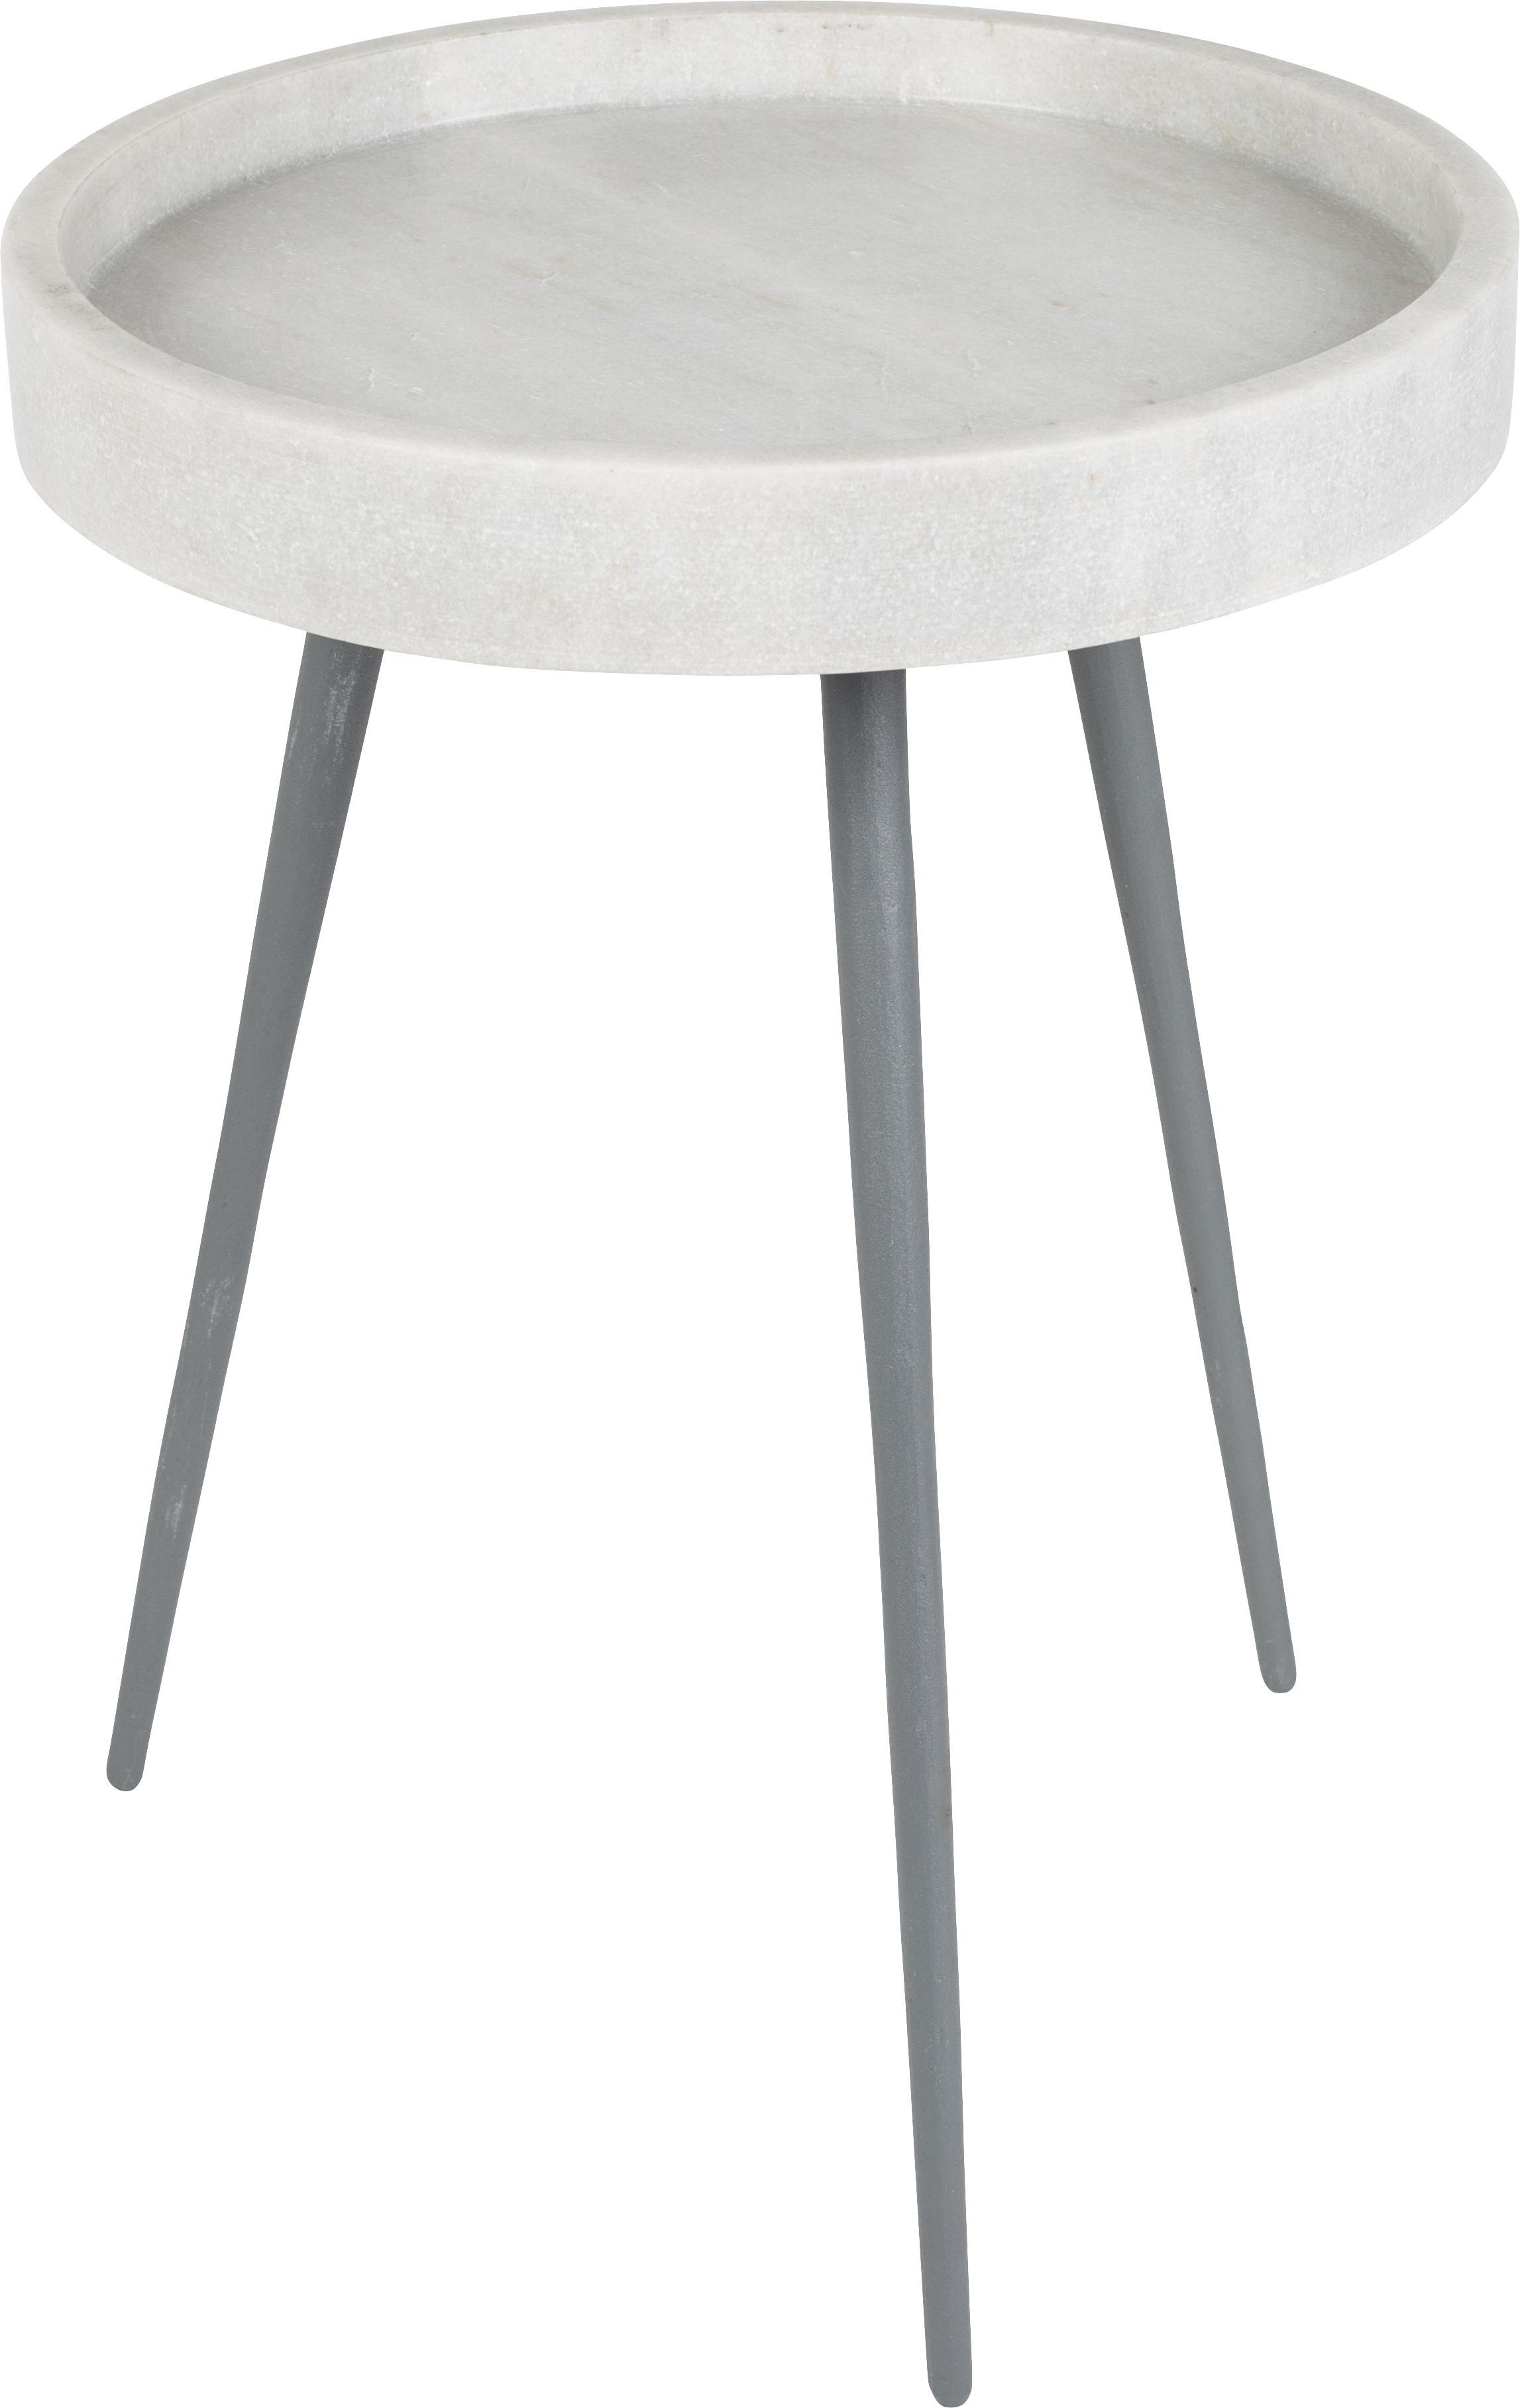 Tavolino rotondo con piano in marmo Karrara, Piano d'appoggio: marmo, Gambe: metallo verniciato a polv, Bianco, grigio, Ø 33 x Alt. 45 cm